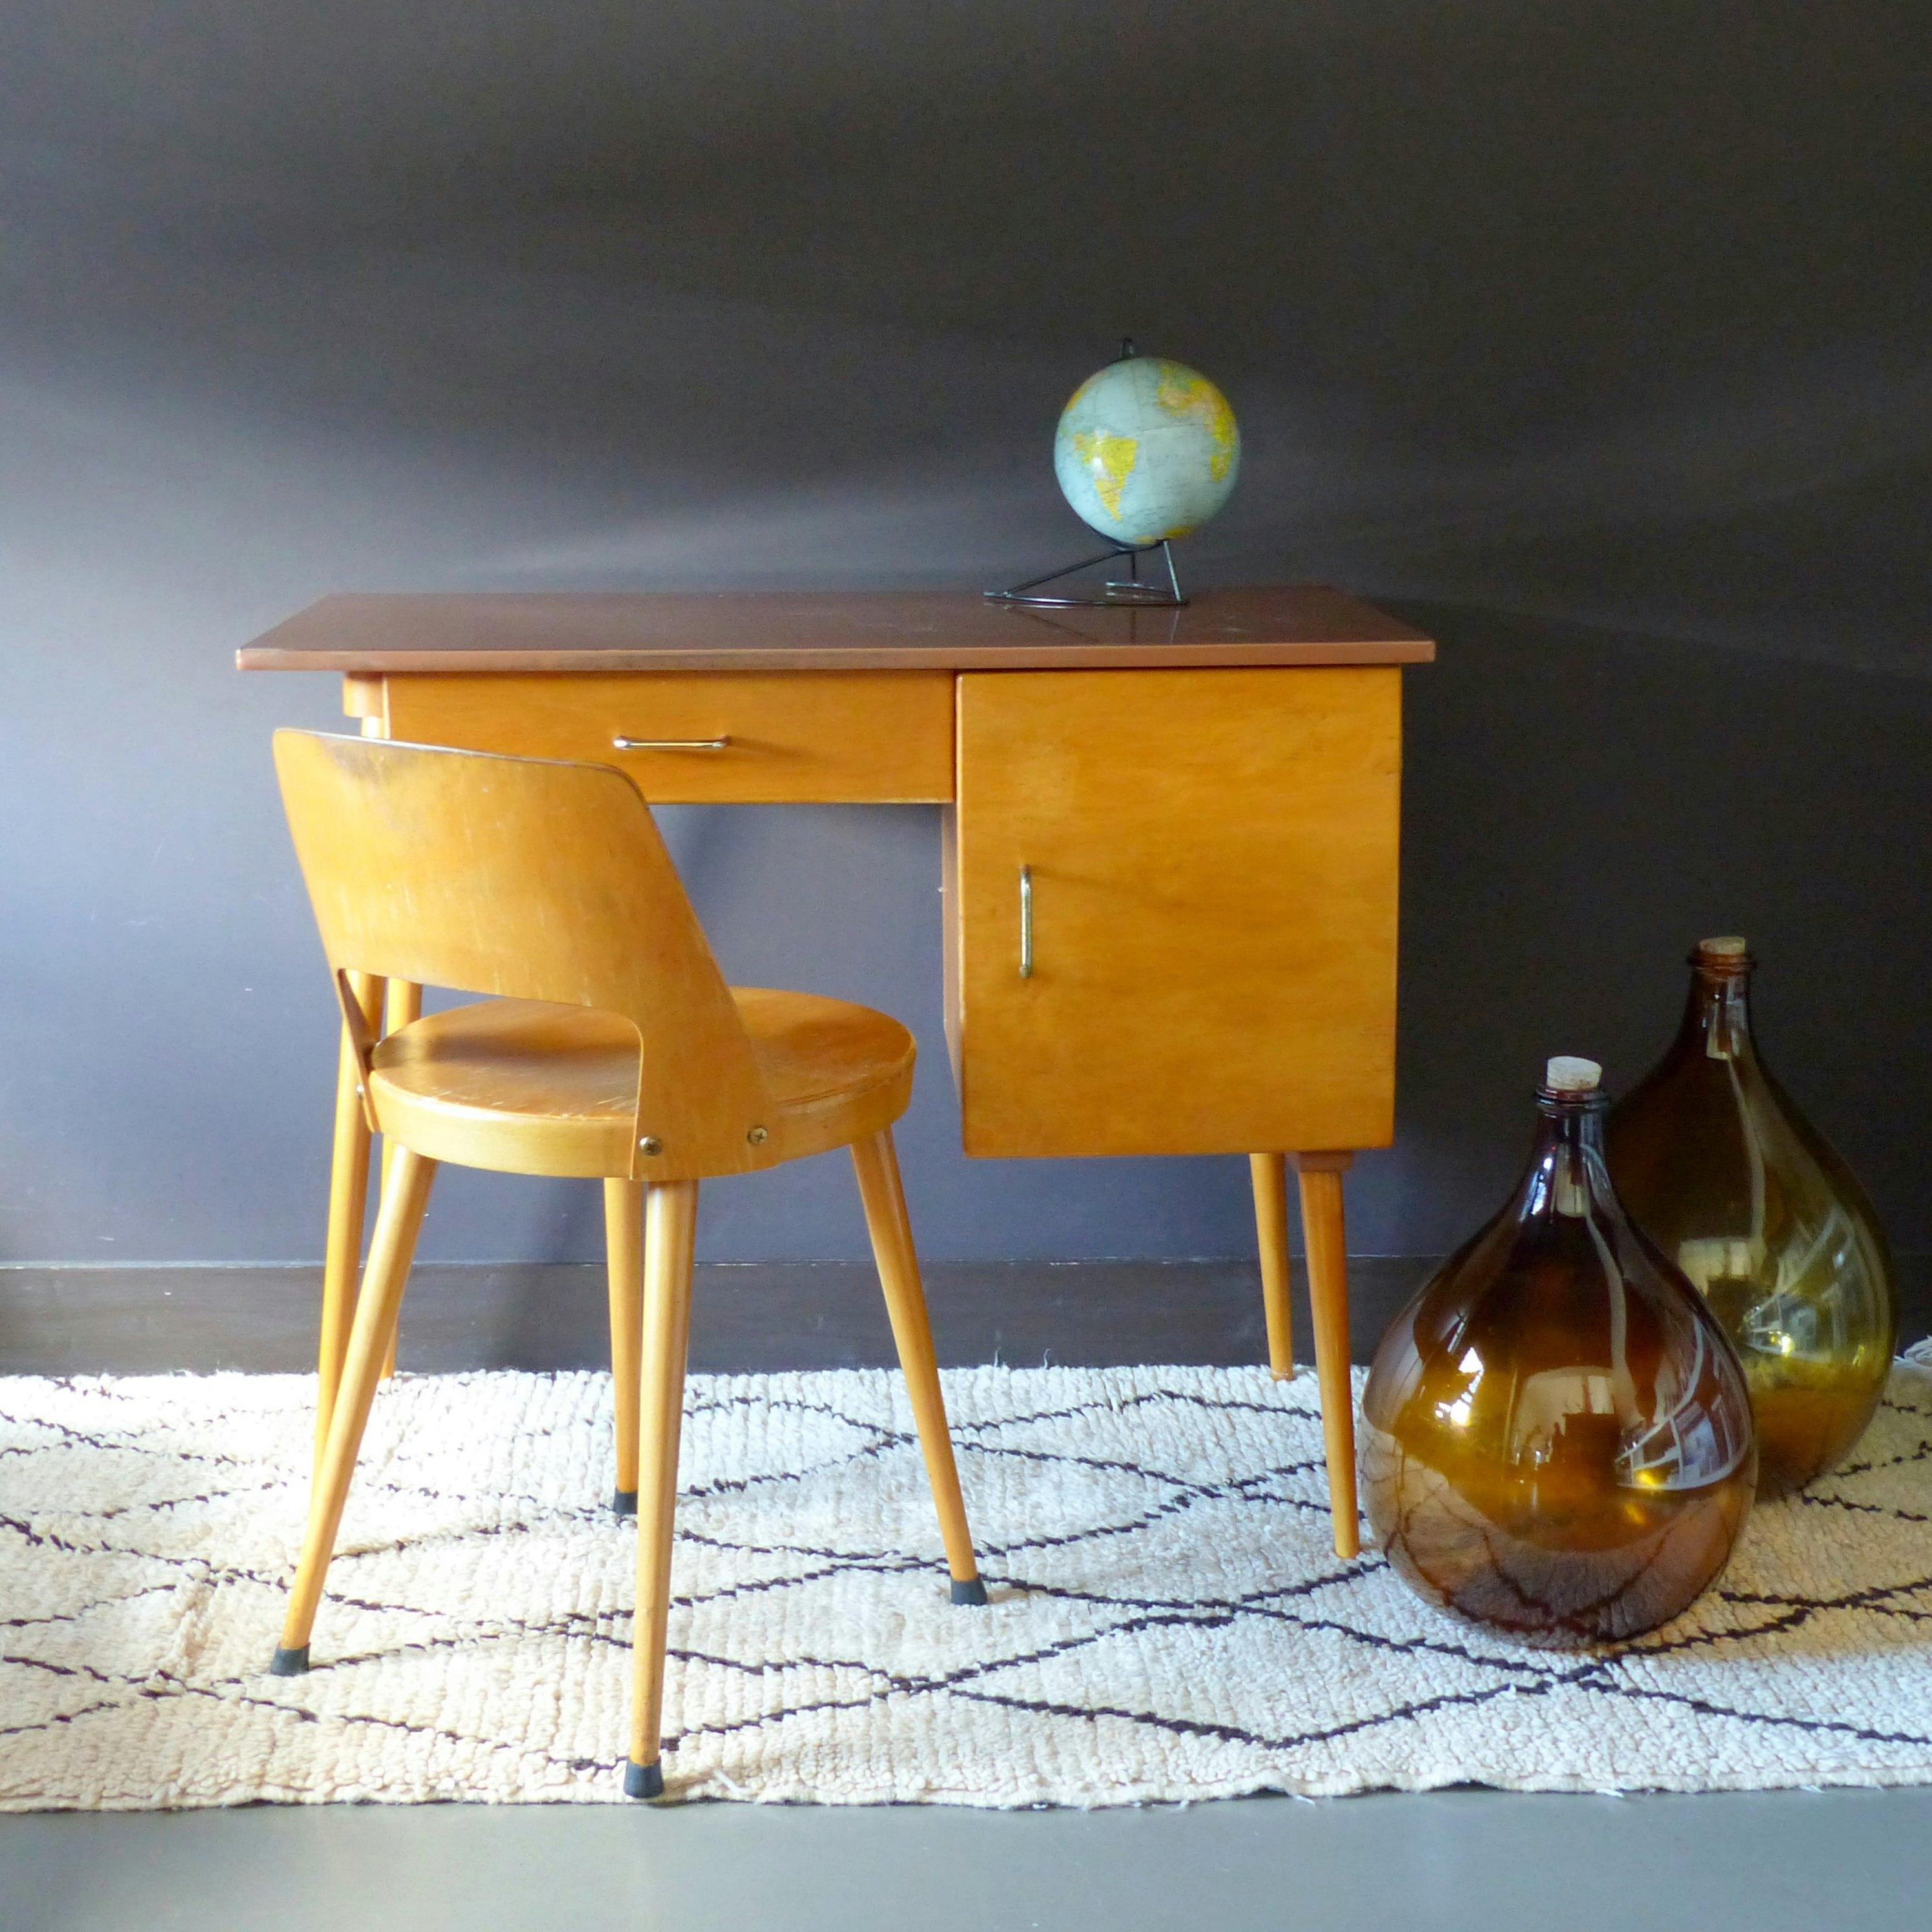 Bureau et chaise baumann pour enfant lignedebrocante for Meubles brocante en ligne